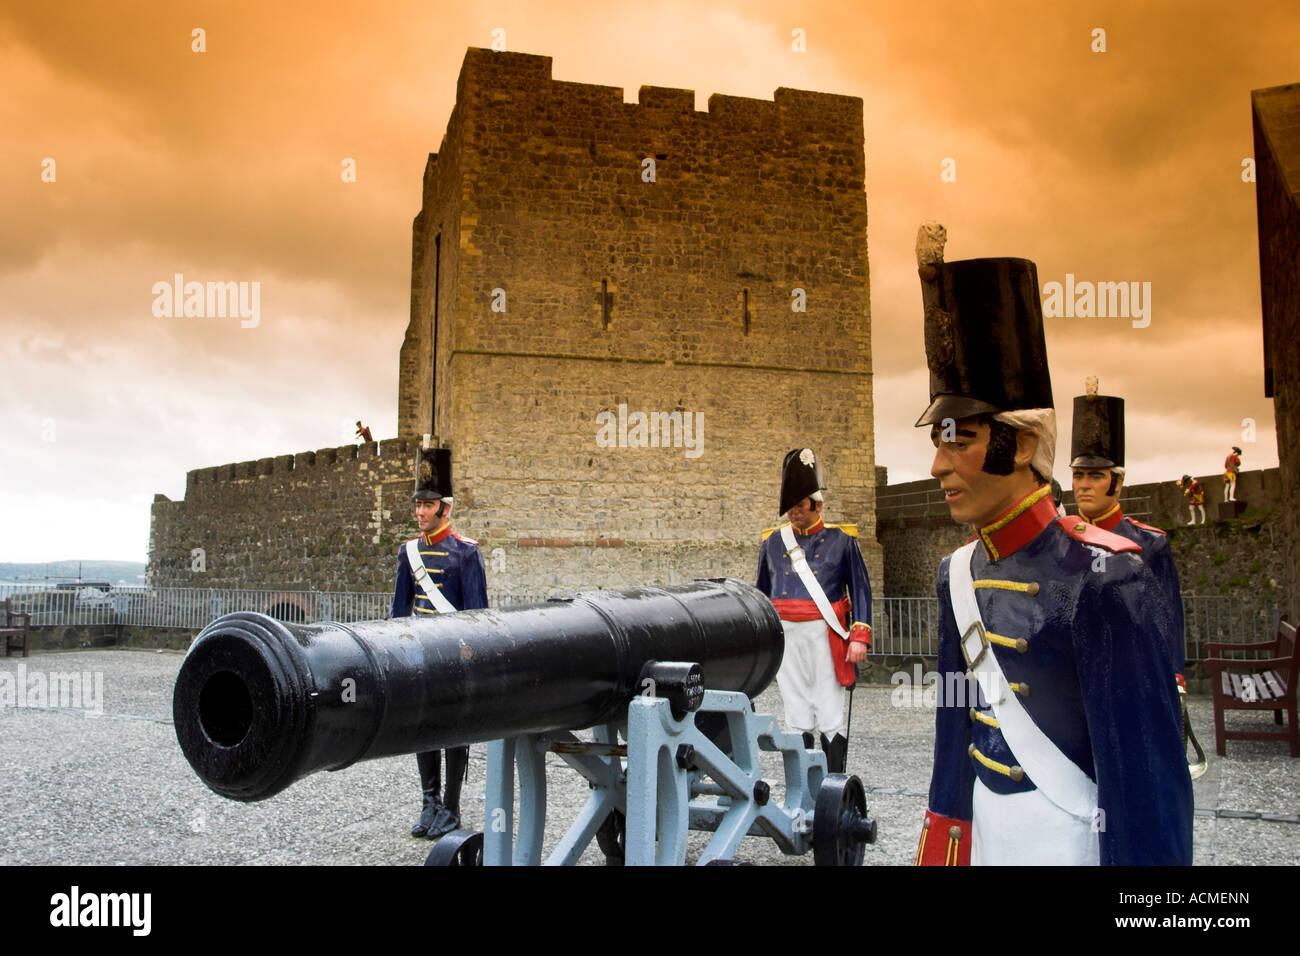 Anfang des 19. Jahrhunderts Kanonen und Artillerie Männer befindet sich auf der großen Batterie Carrickfergus Castle Stockfoto